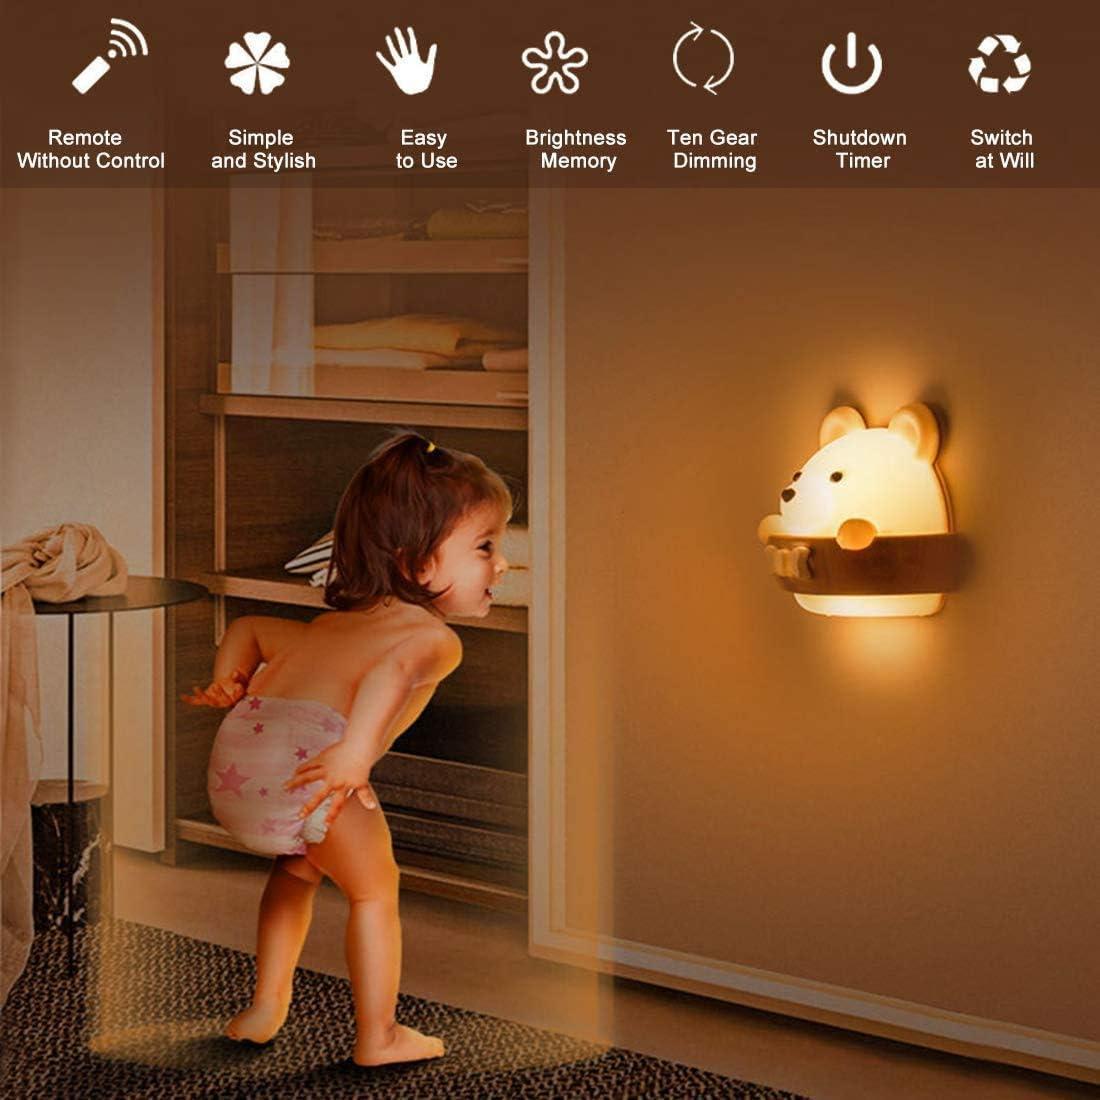 Luz Mesita de Noche Infantil Luz de Noche Para Beb/és en el Dormitorio Luz Nocturna Infantil Luz Nocturna Beb/é,l/ámpara infantil LED L/ámpara de Noche de Carga USB Port/átil Luz Amarilla Para Leer